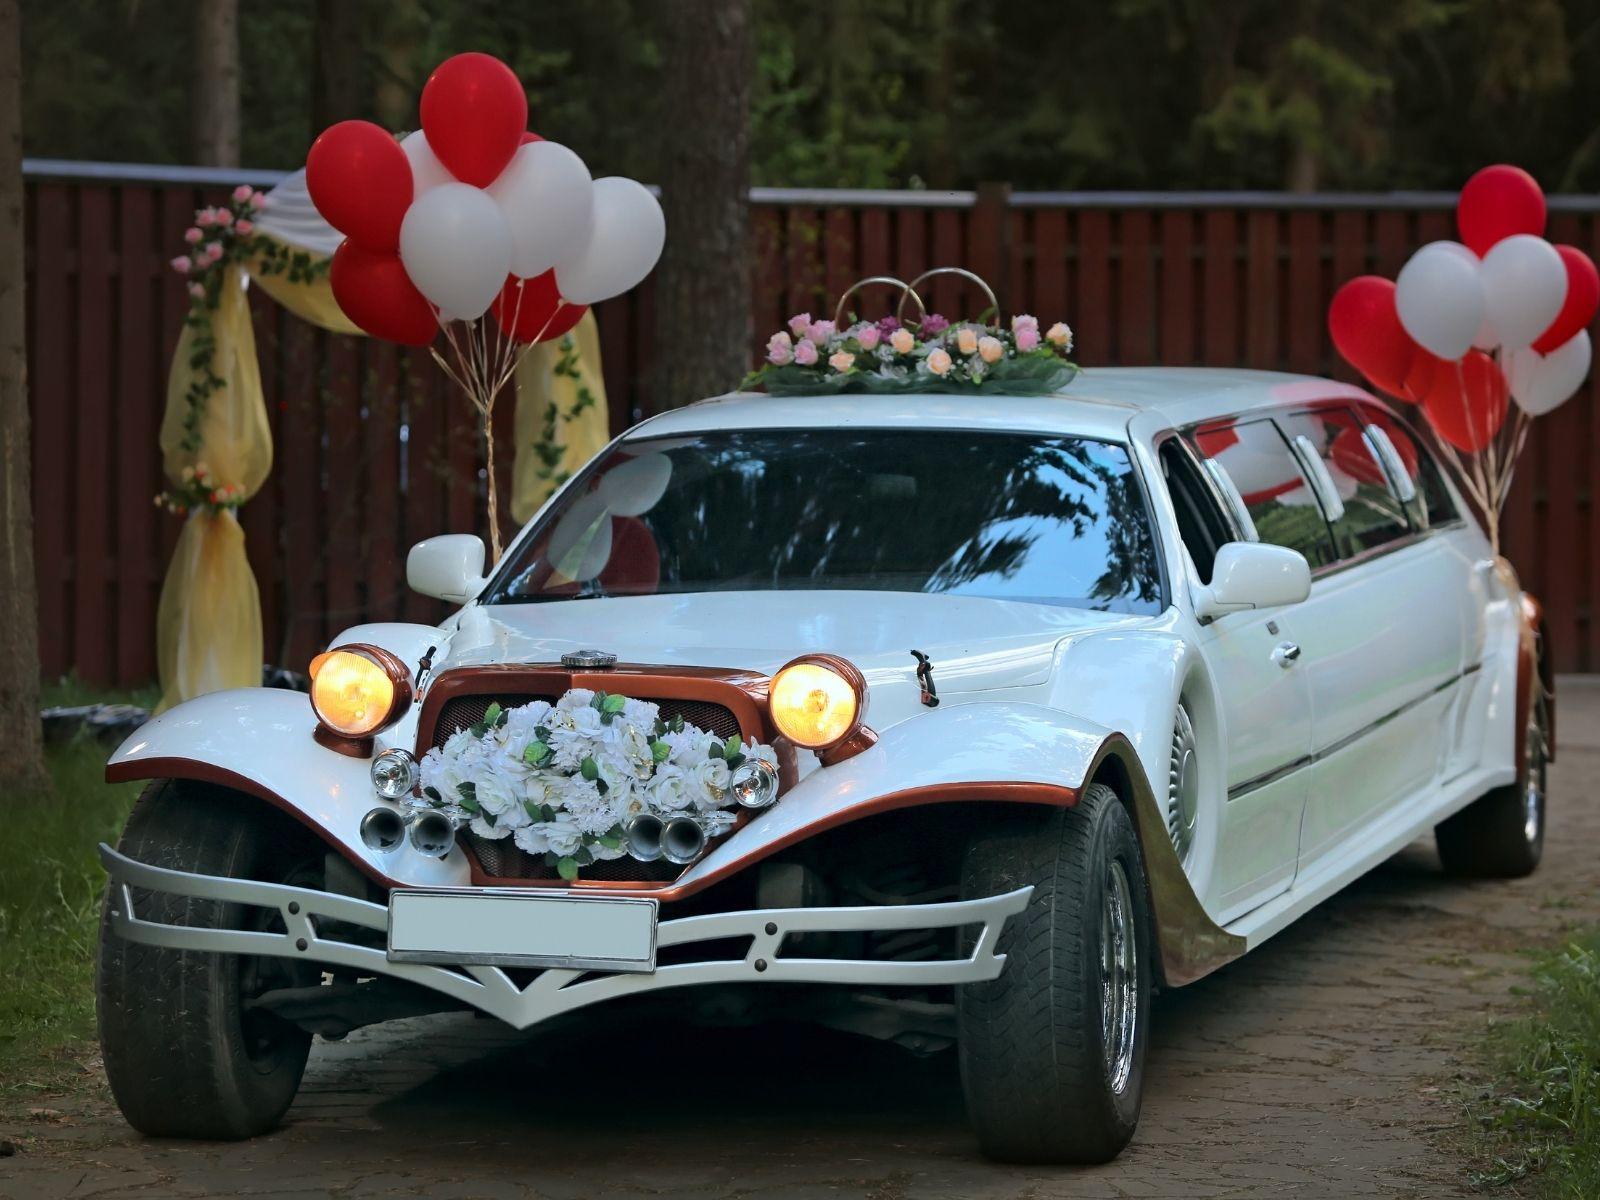 קישוט רכב לחתונה עם בלונים